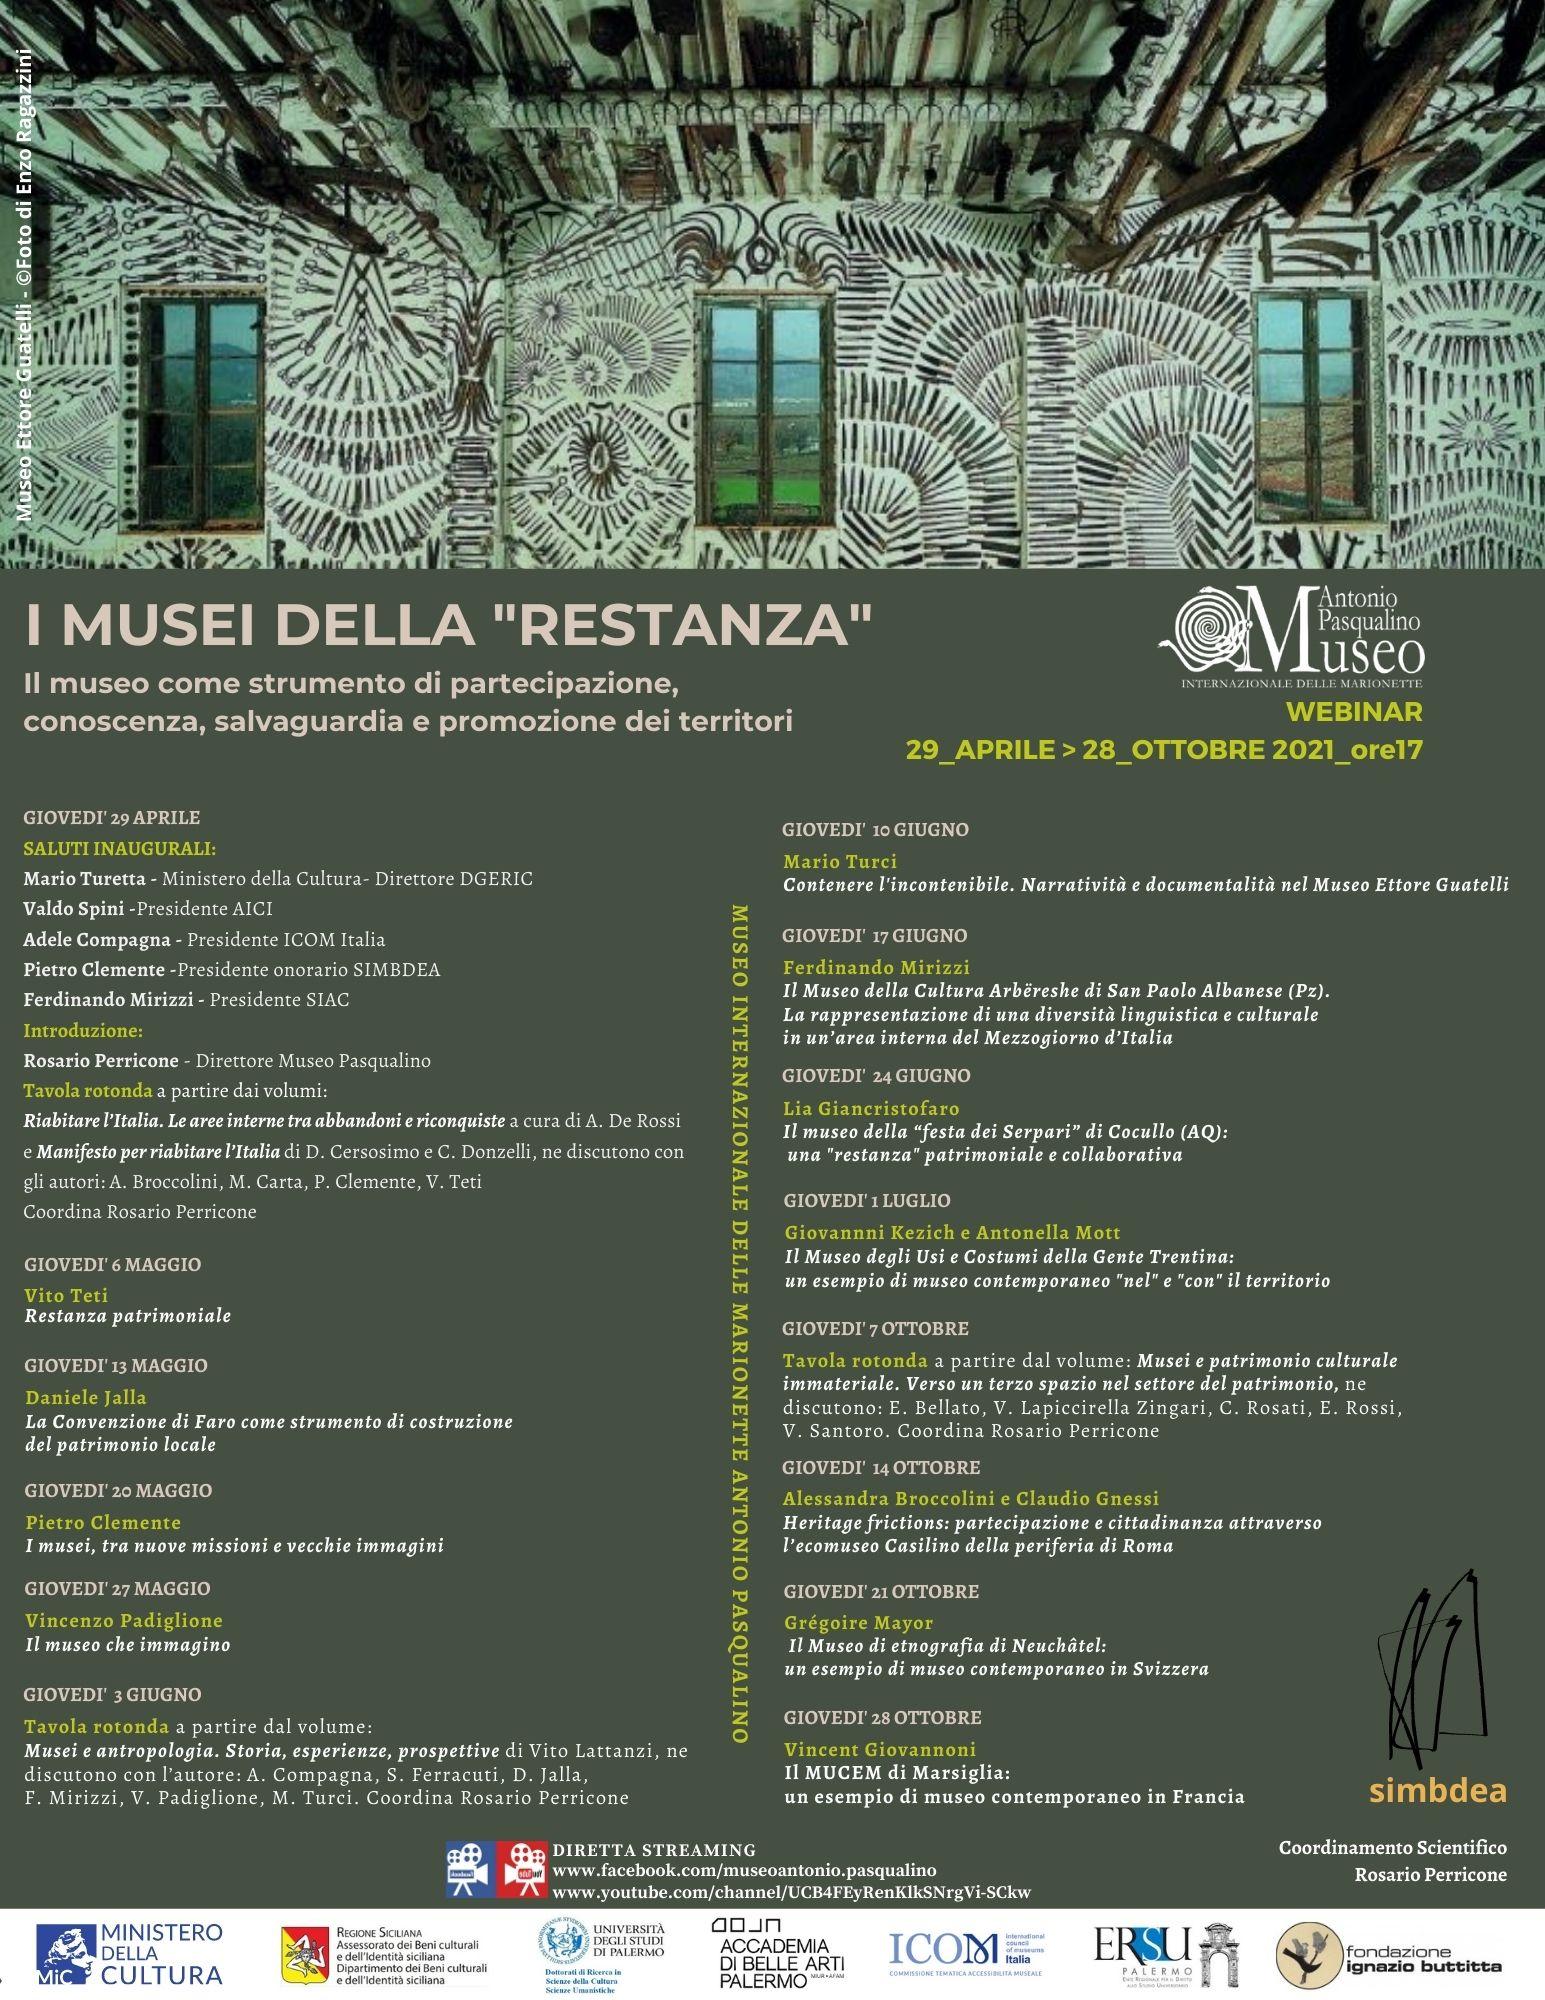 Musei_della_restanza.jpg - 530.70 kB